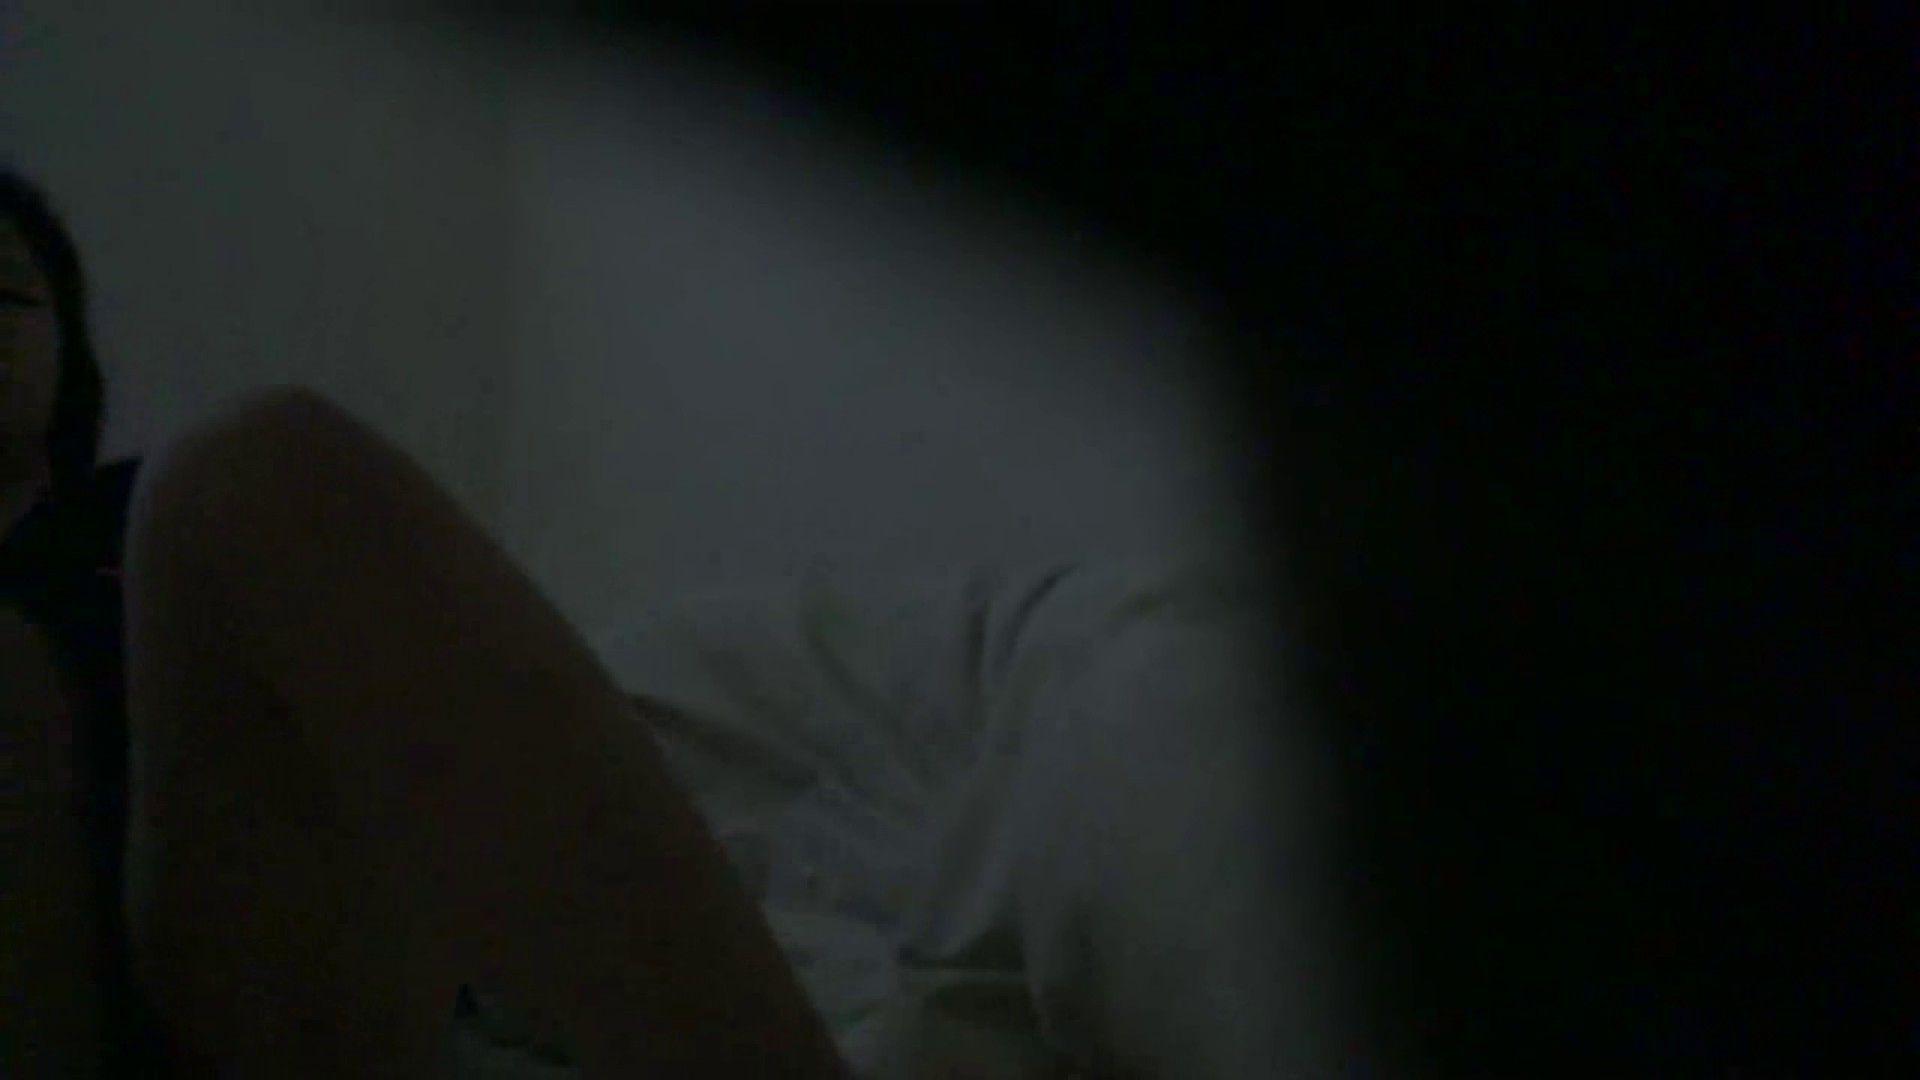 vol.16 レイカ入浴。今日は生理中のようです。 民家 エロ無料画像 64画像 18